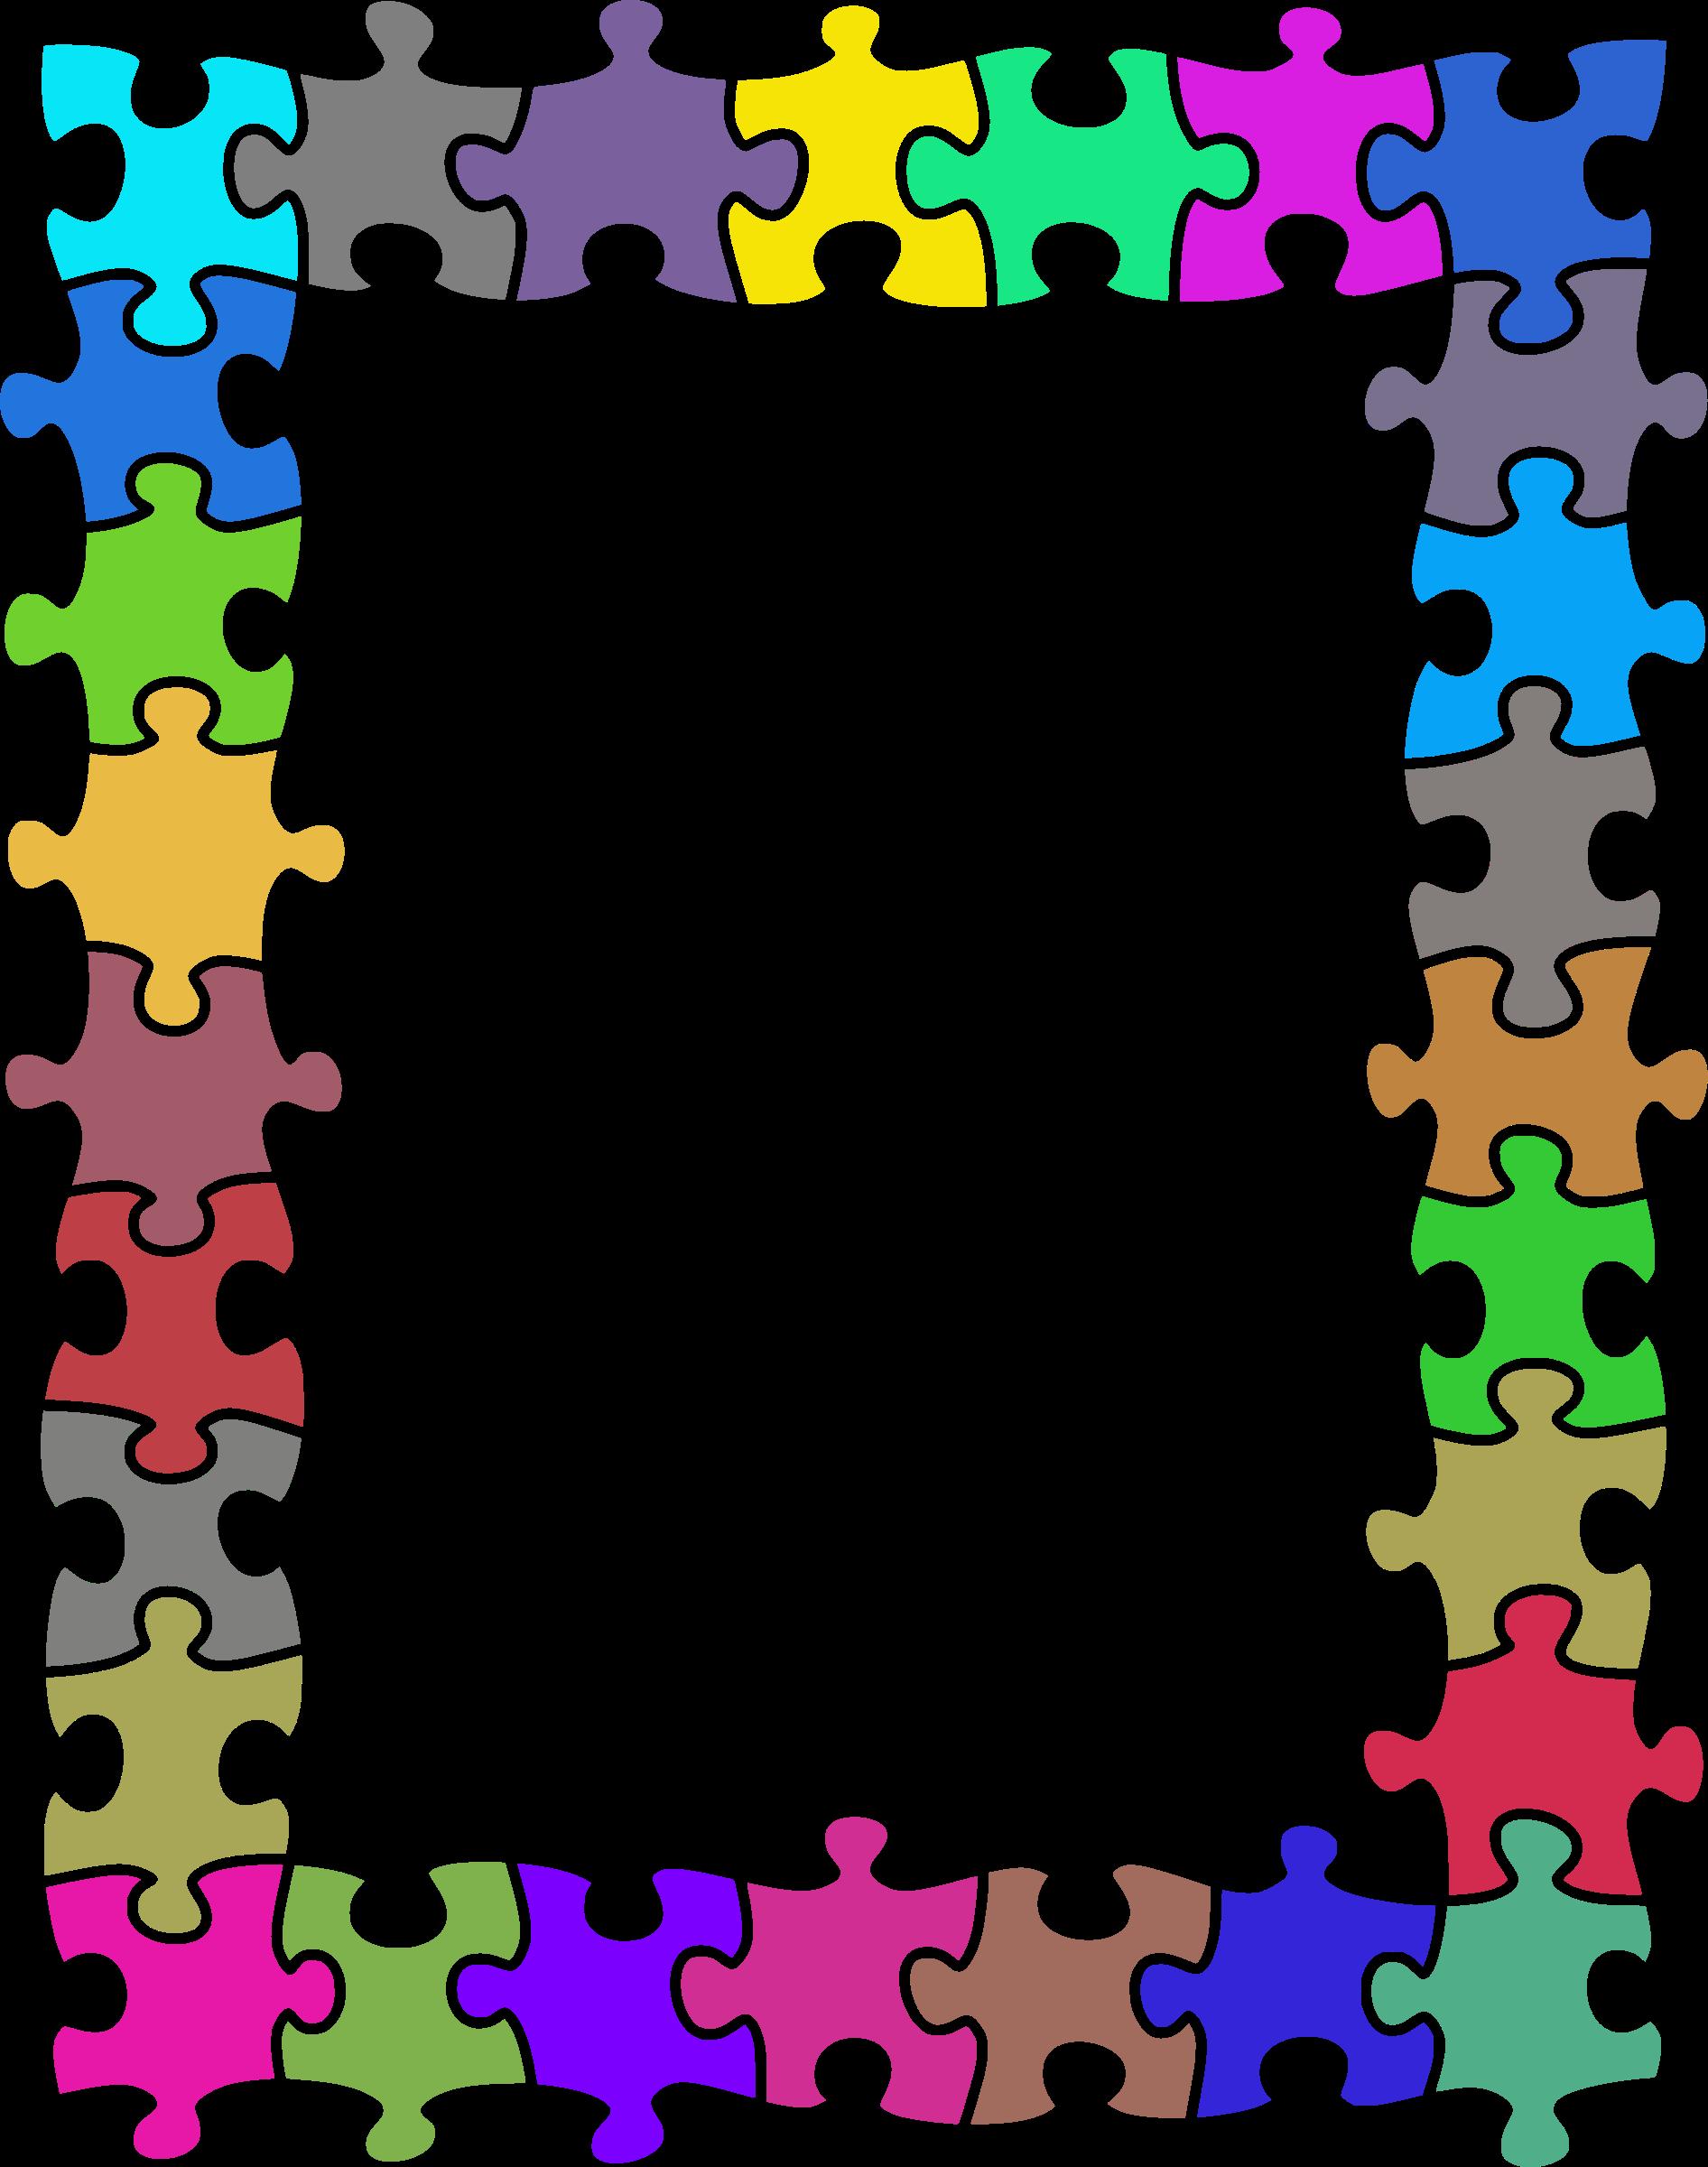 Clipart - Jigsaw puzzle frame (random colours)